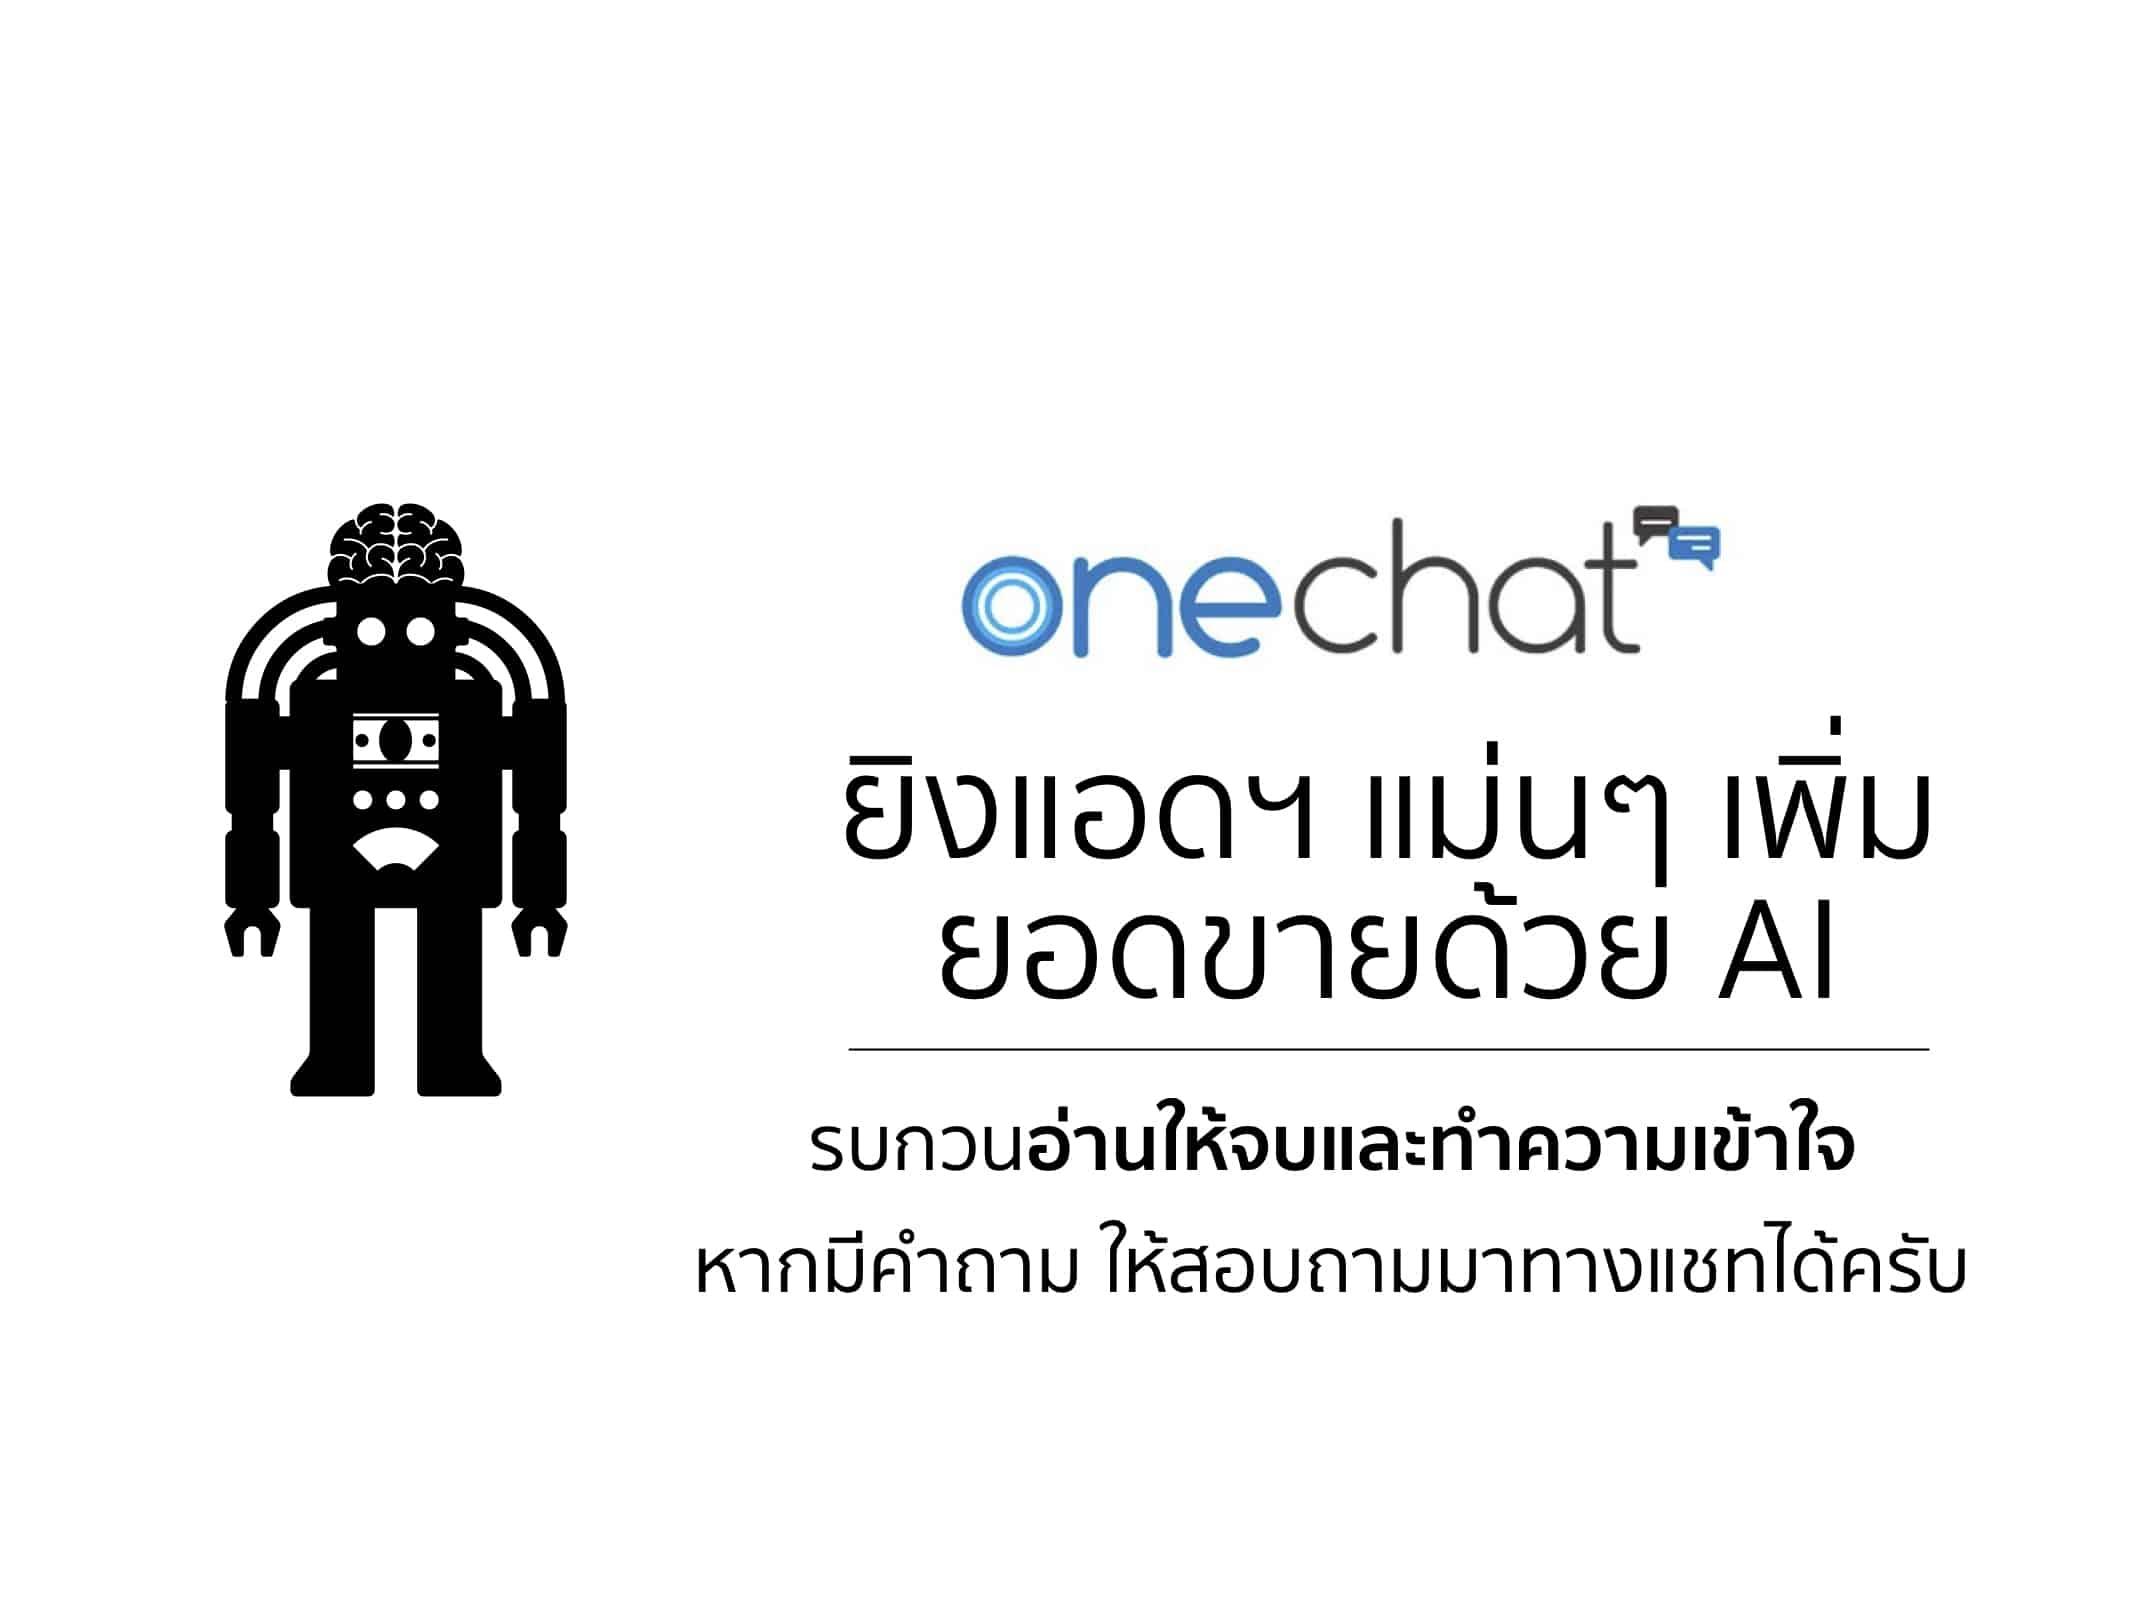 Onechat ไฮบริด แชทบอท เพิ่มยอดขายด้วย AI ตอบเทรนด์คนไทย Conversation Commerce